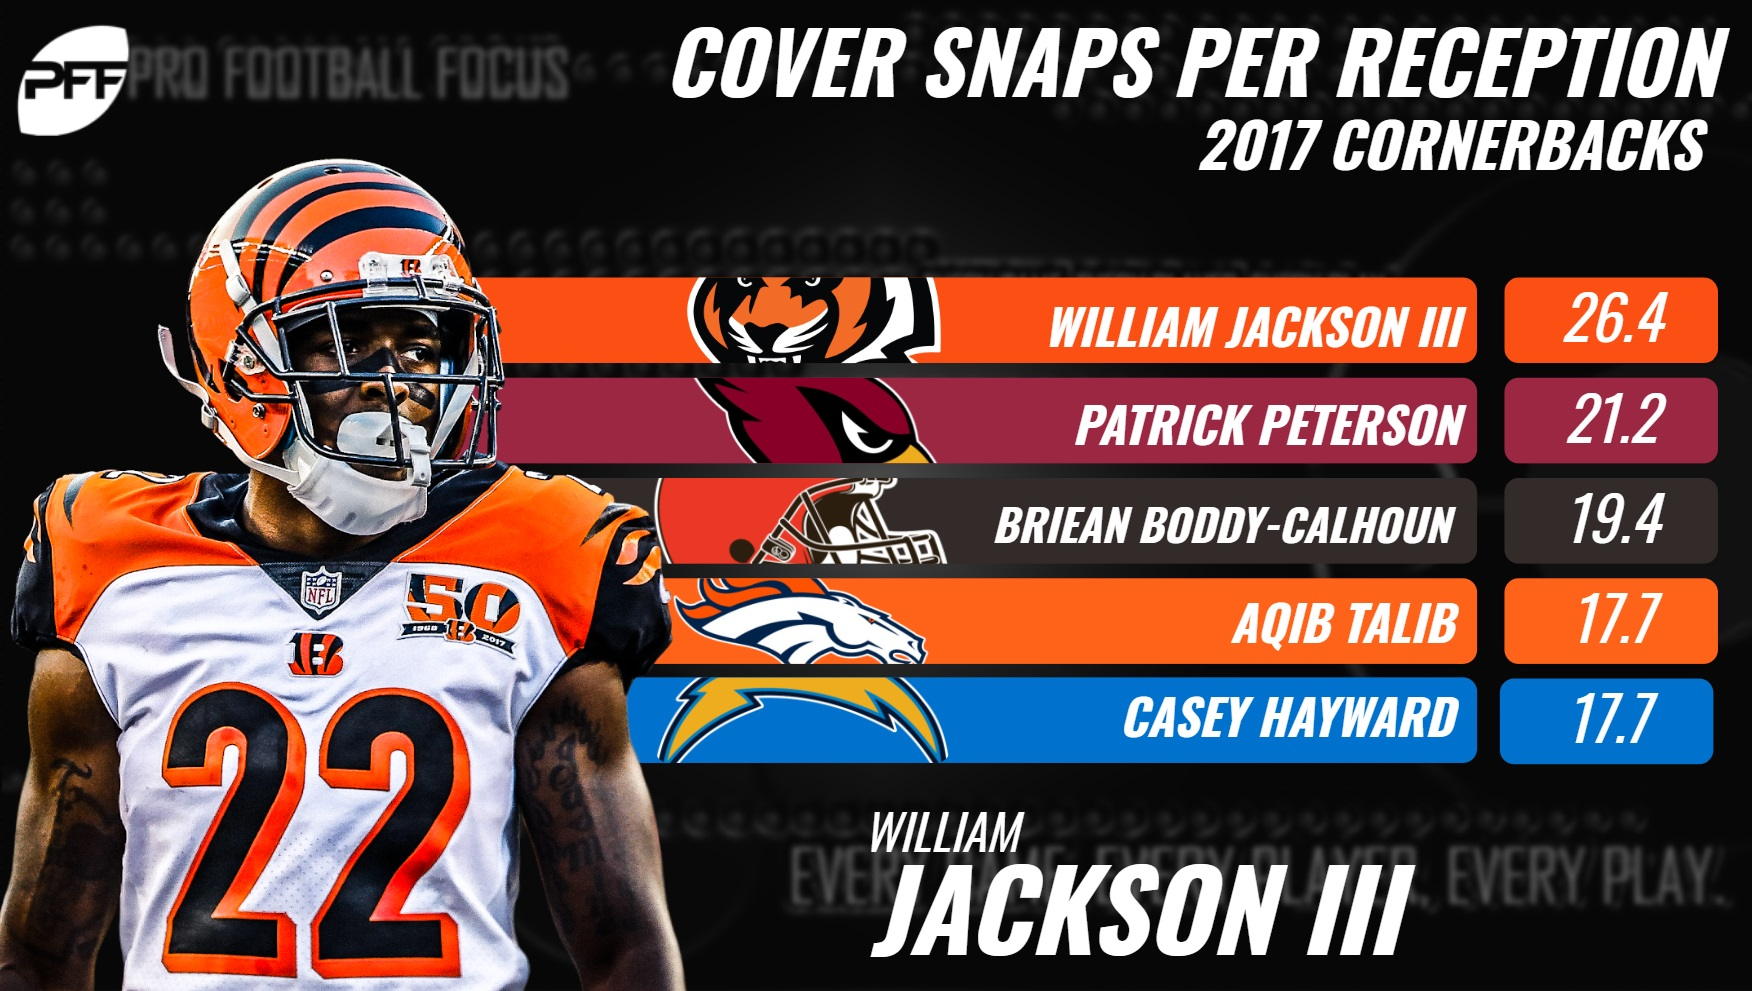 William Jackson Cover Snap per Rec